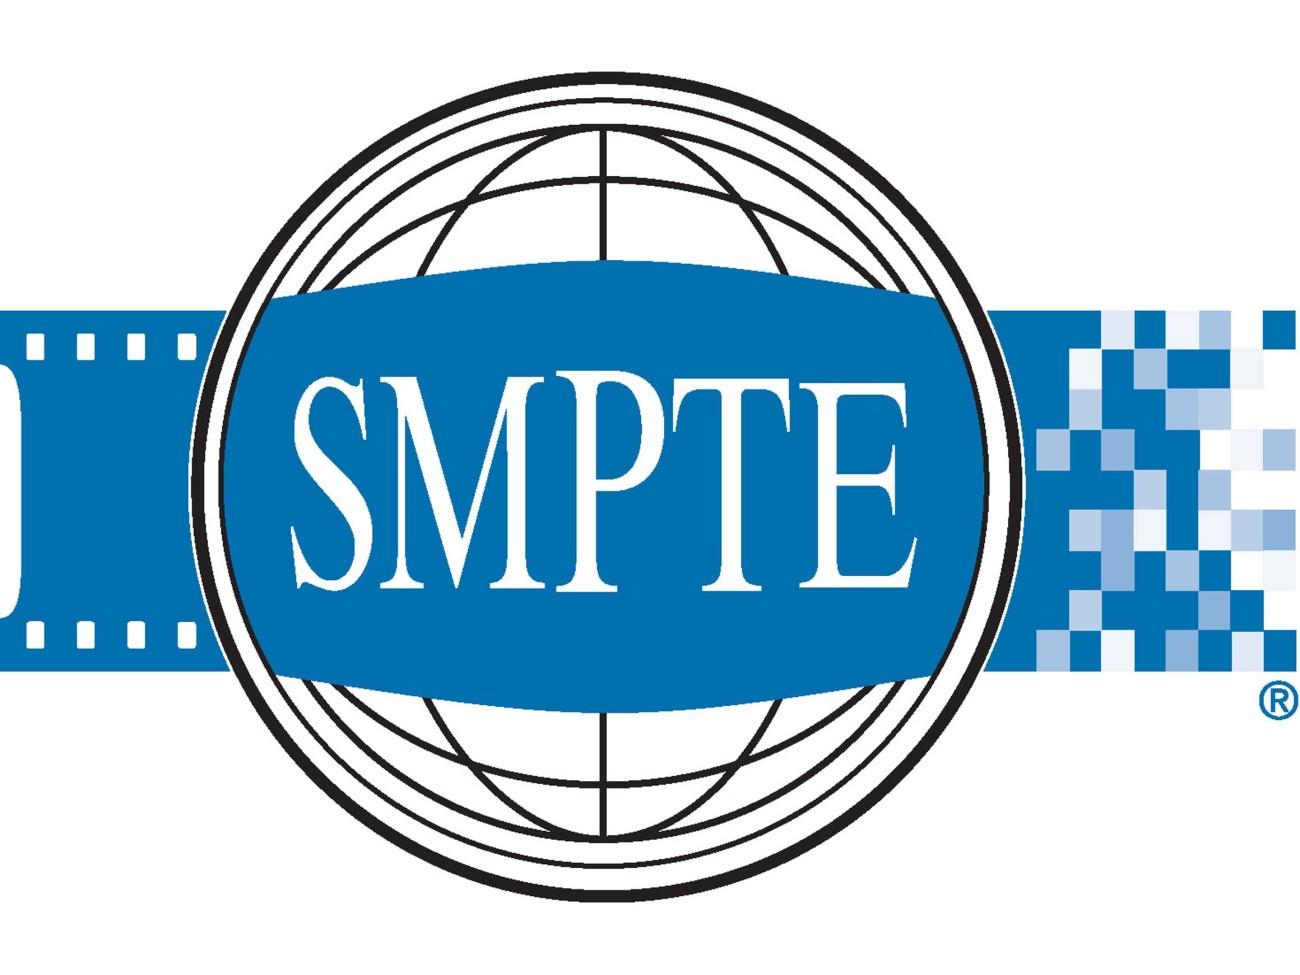 SMPTE standards